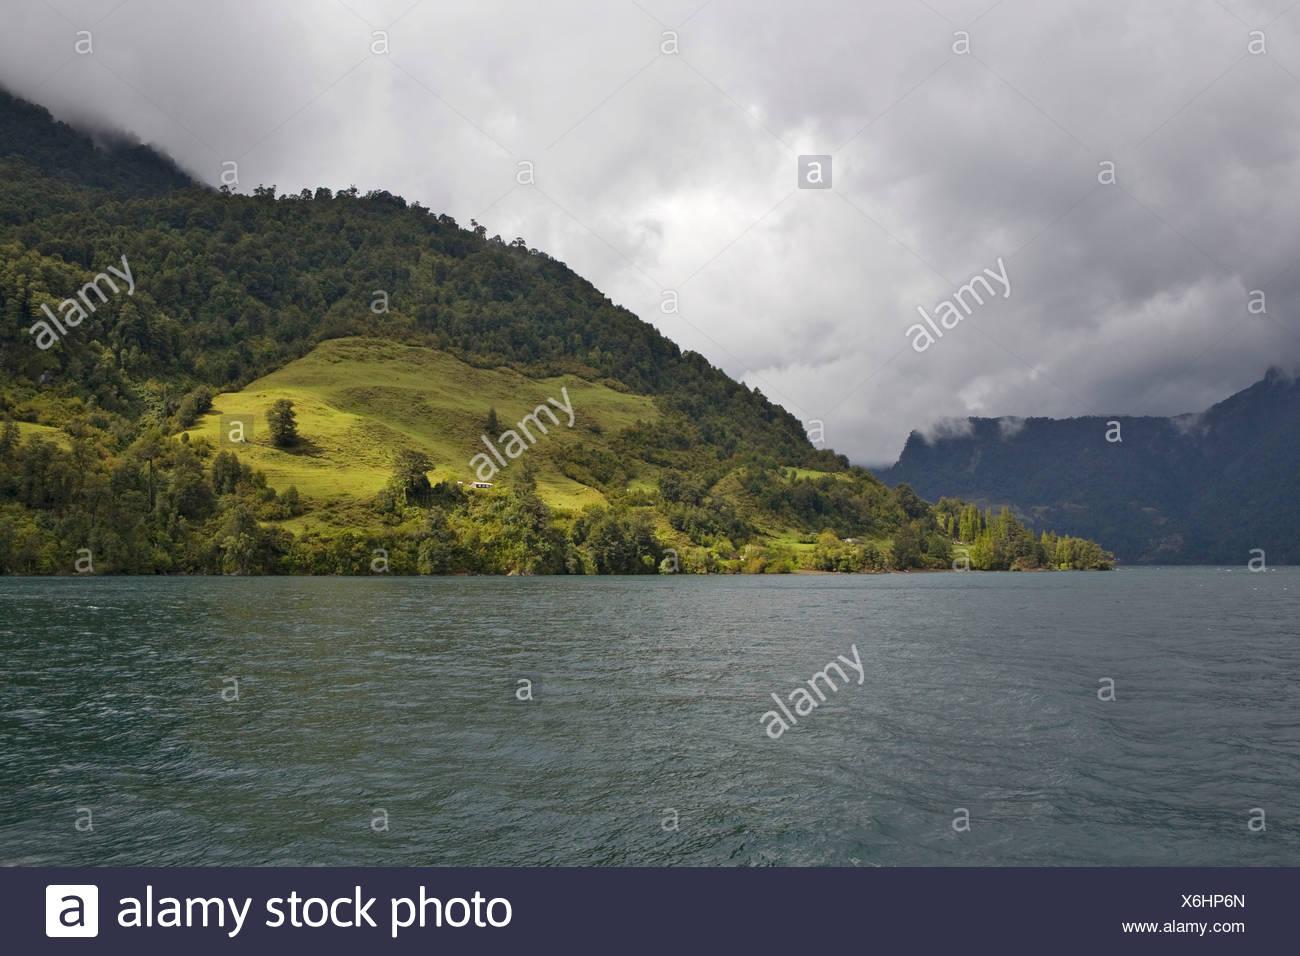 Sparsely populated shore of Lago Todo los Santos, Vicente Pérez Rosales National Park, Region de los Lagos, Chile, South America - Stock Image